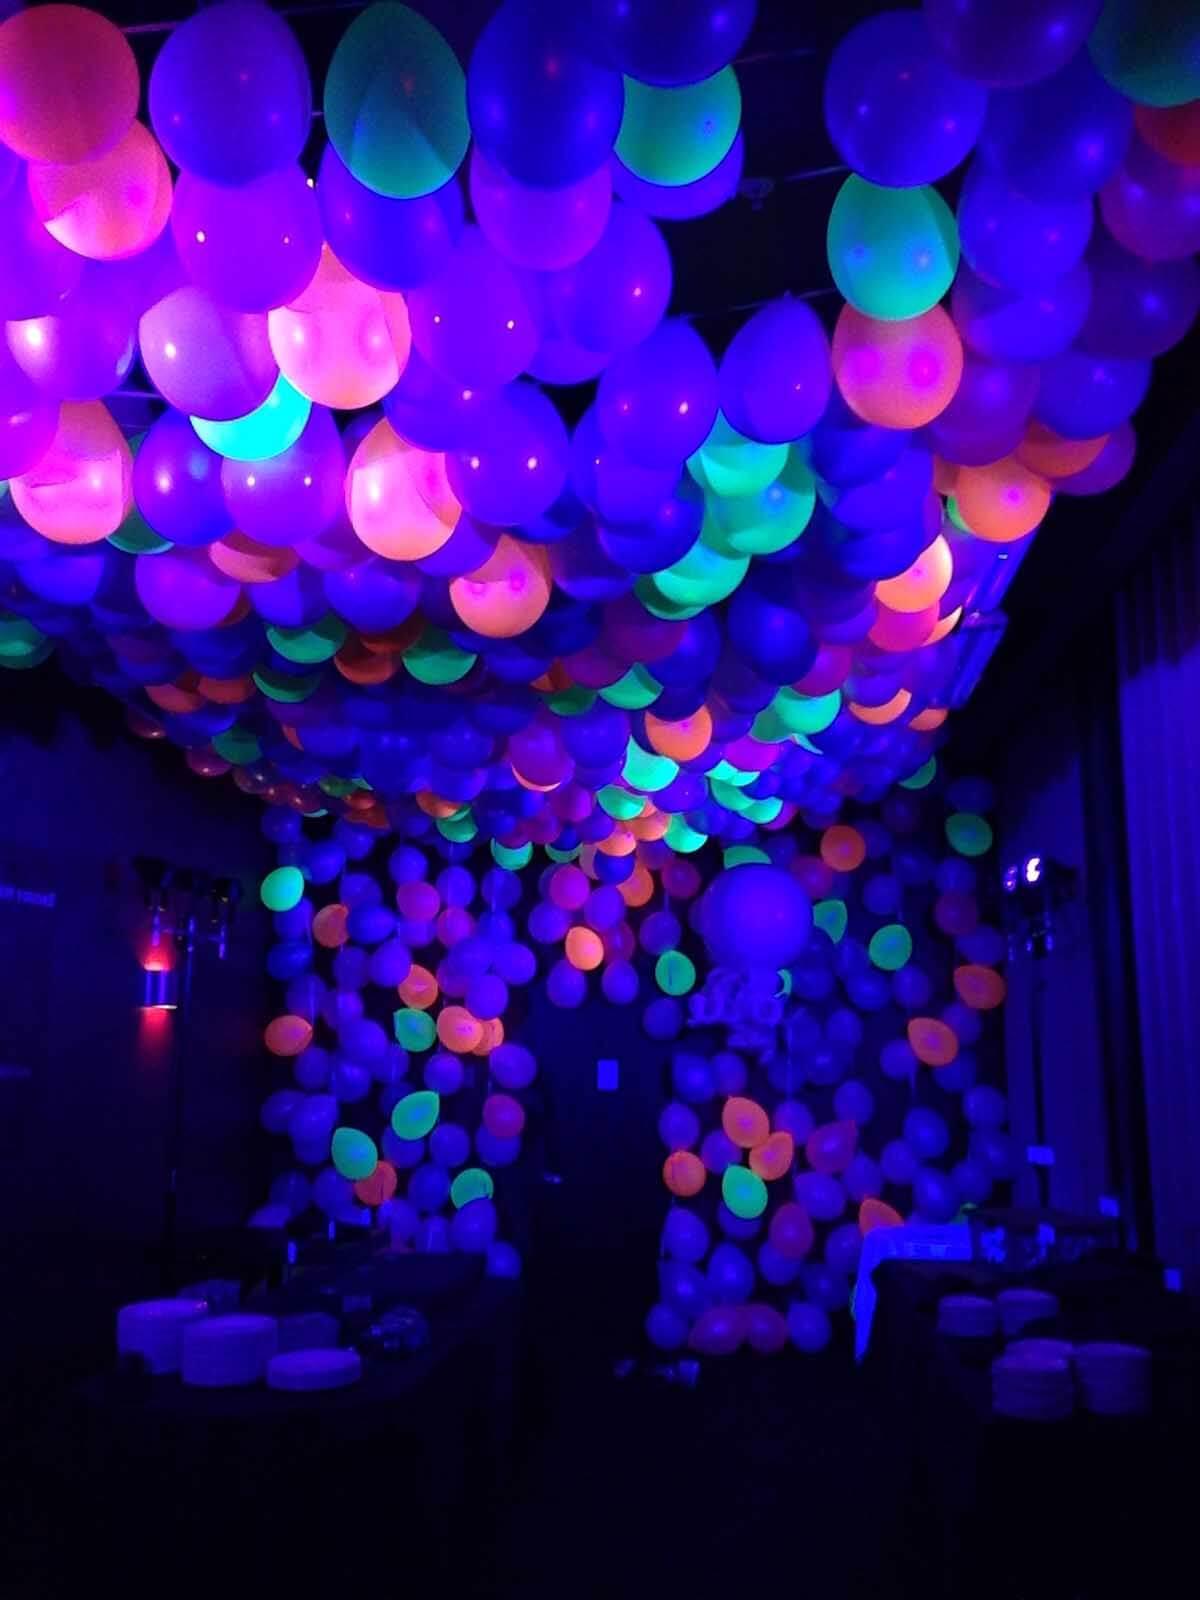 Les ballons qui brillent dans le noir créent une atmosphère de fête d'un autre monde